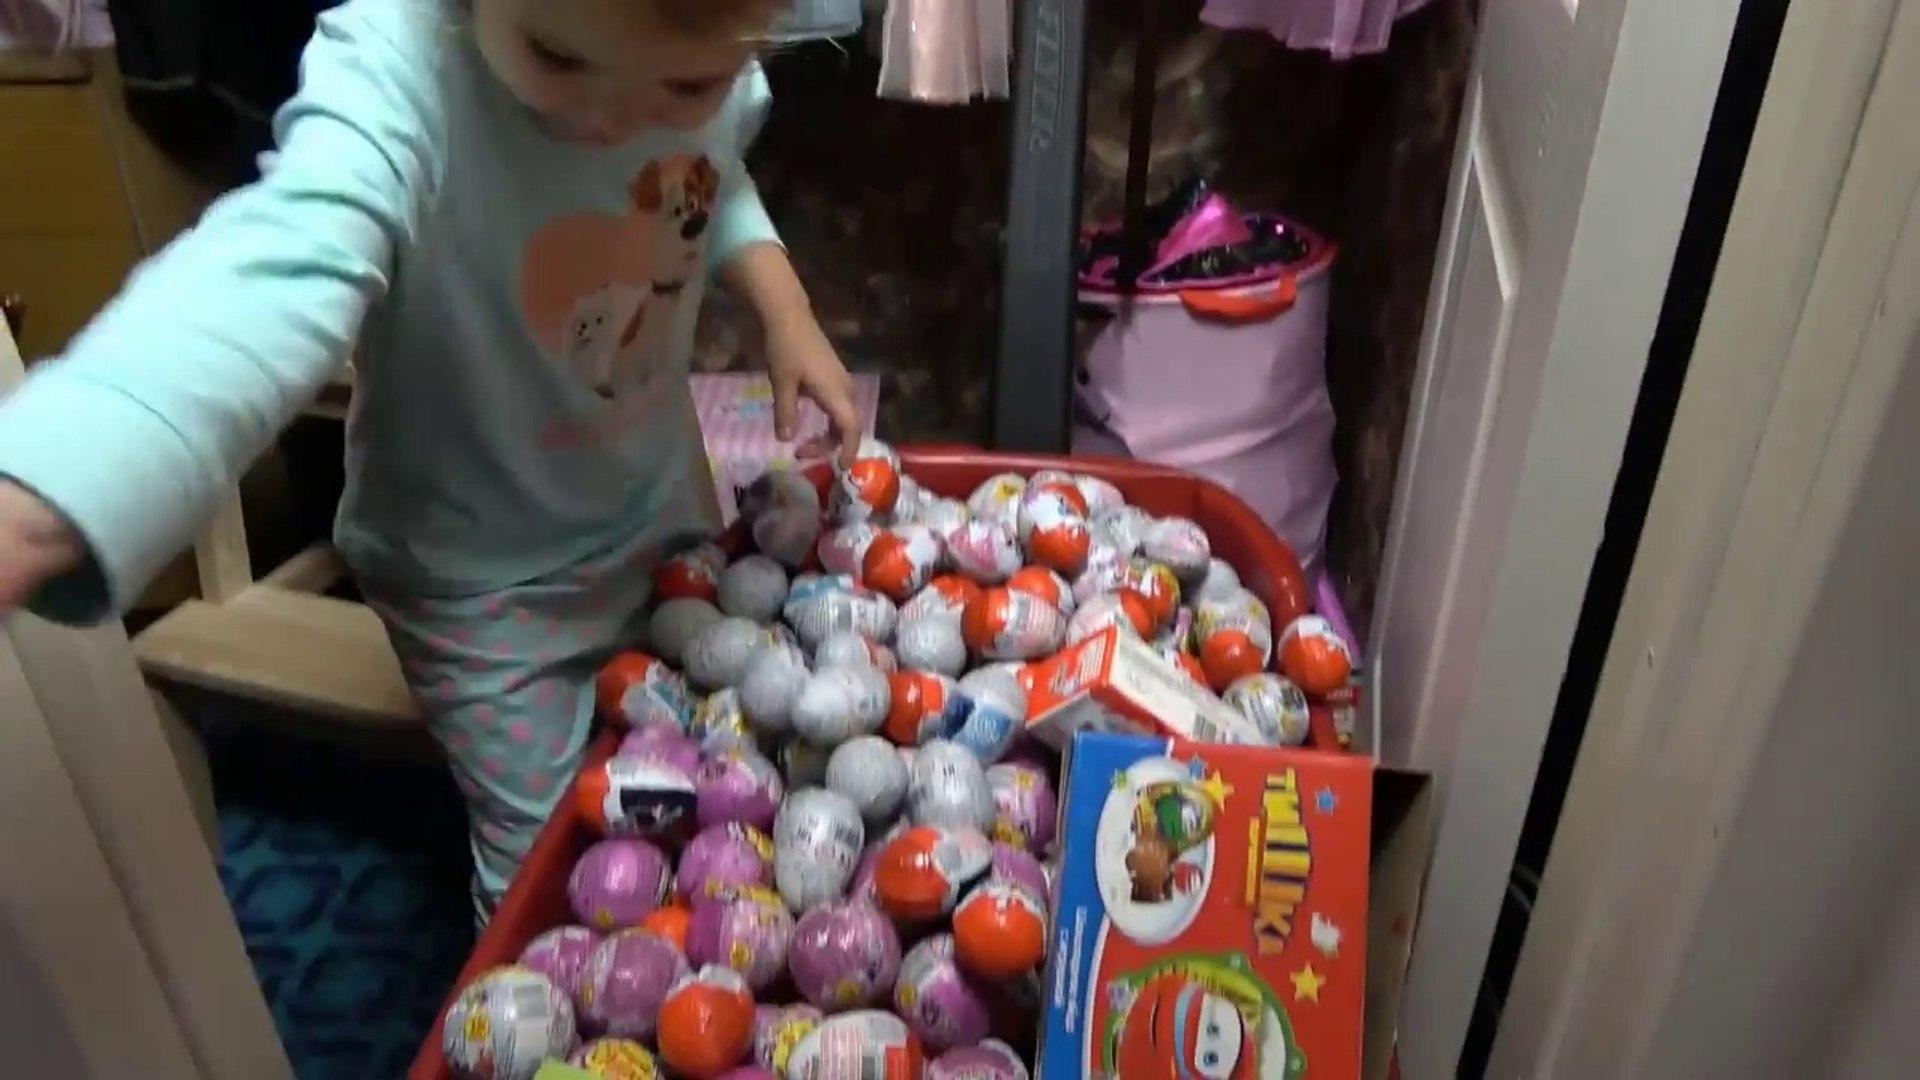 Сотни яиц с игрушками на тележке Макс и Катя ссыпали киндеры у мамы с кладовки 300 Surprise eggs